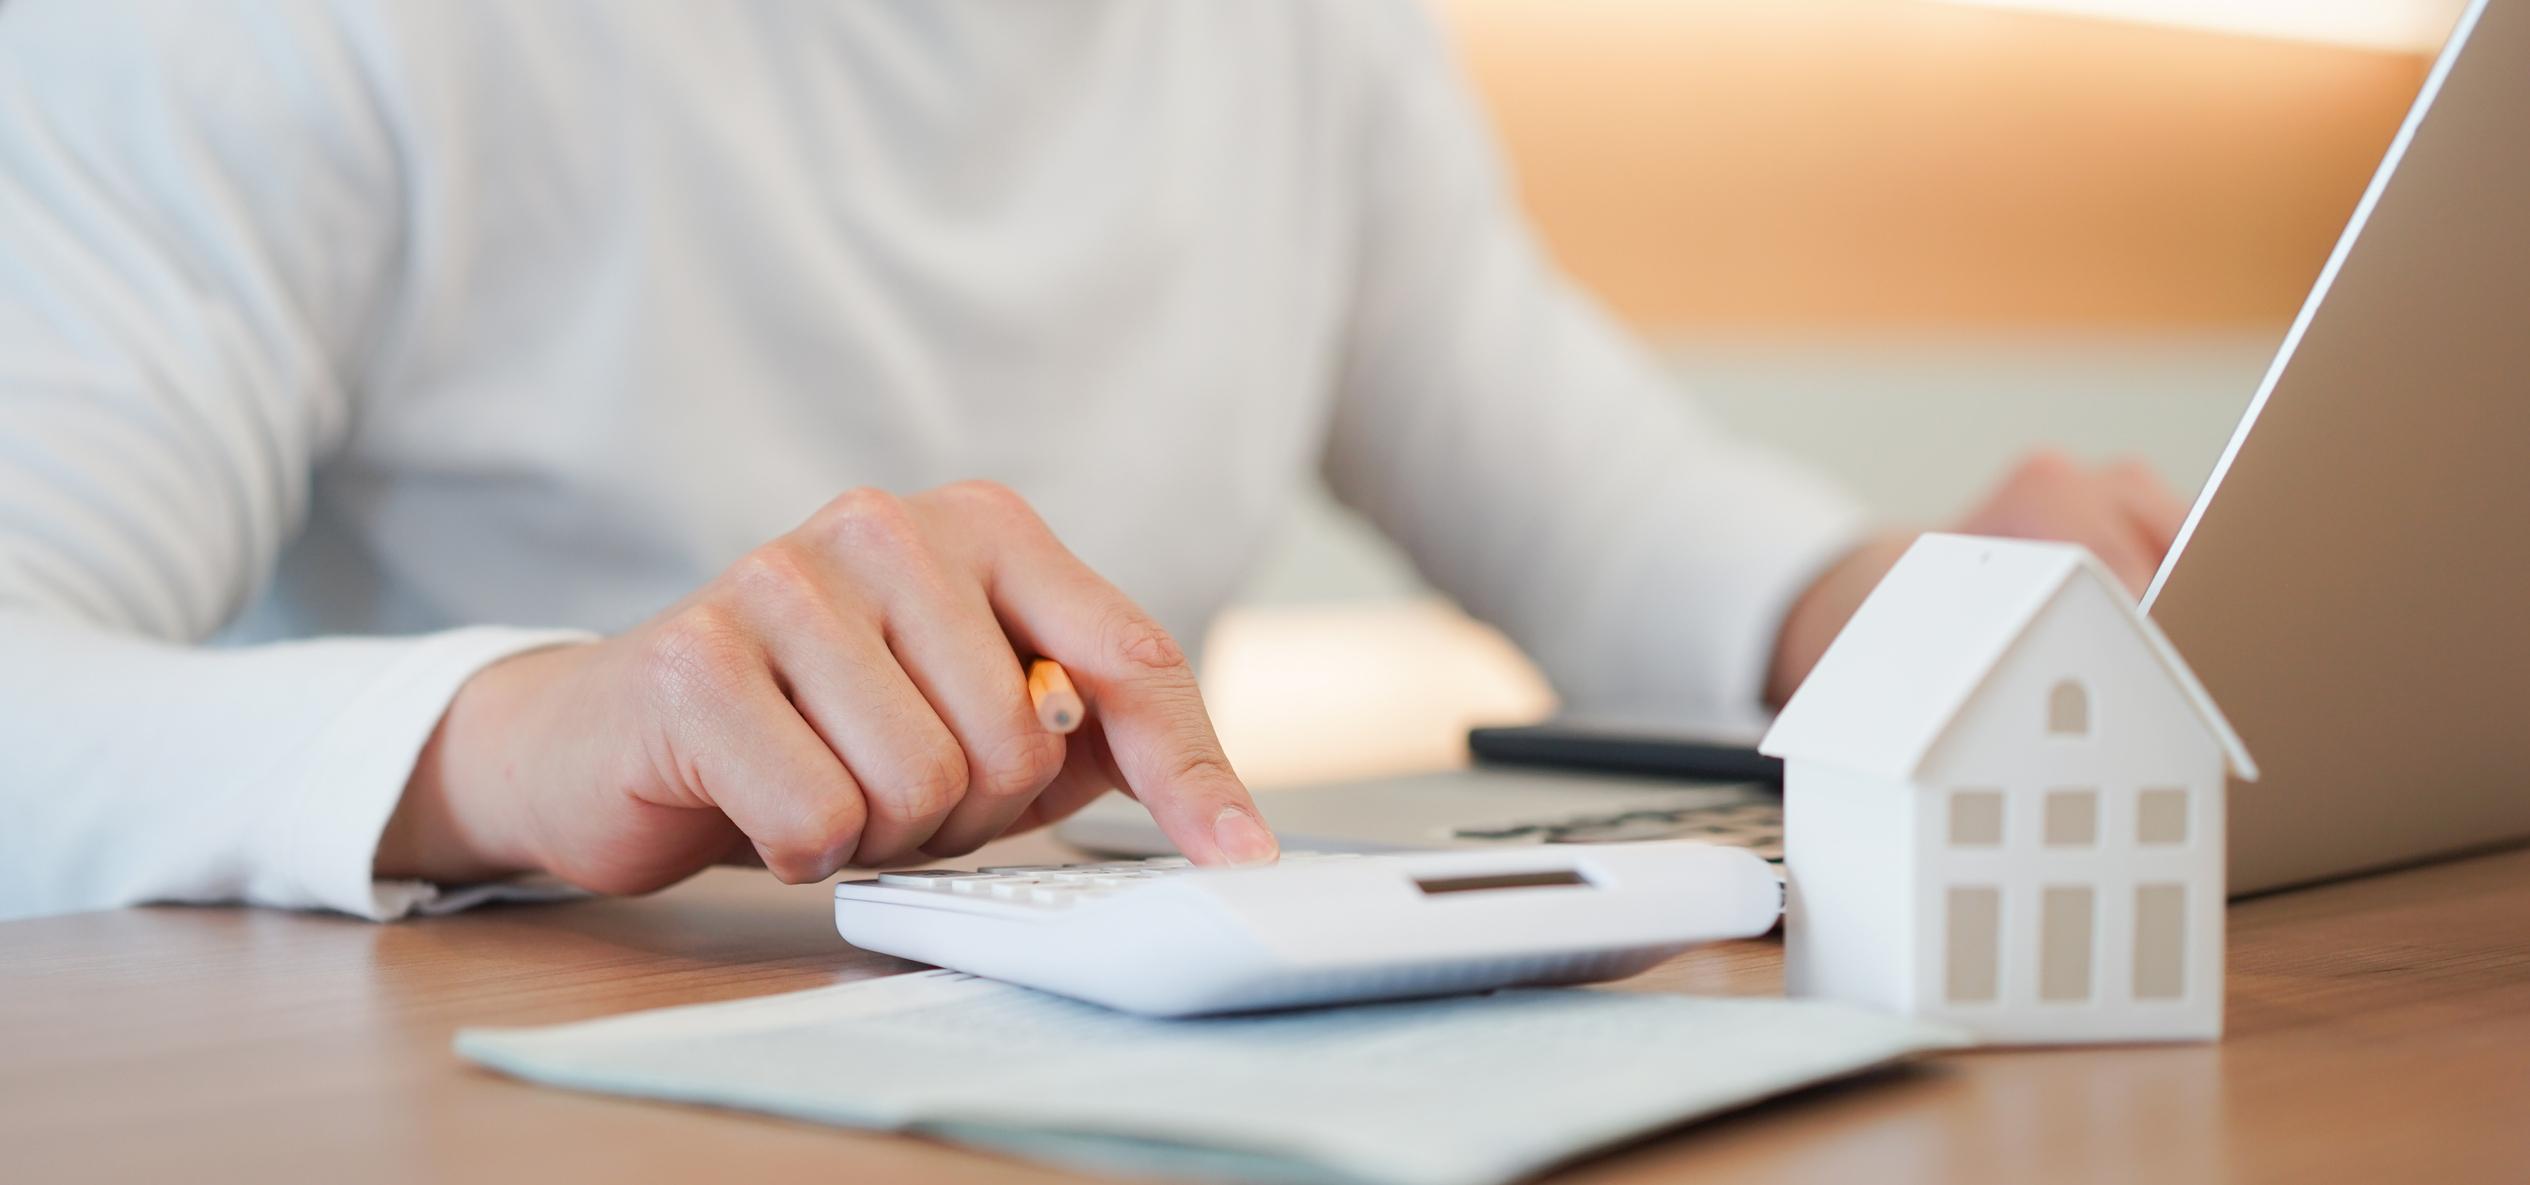 Haus finanzieren: Kalkulation